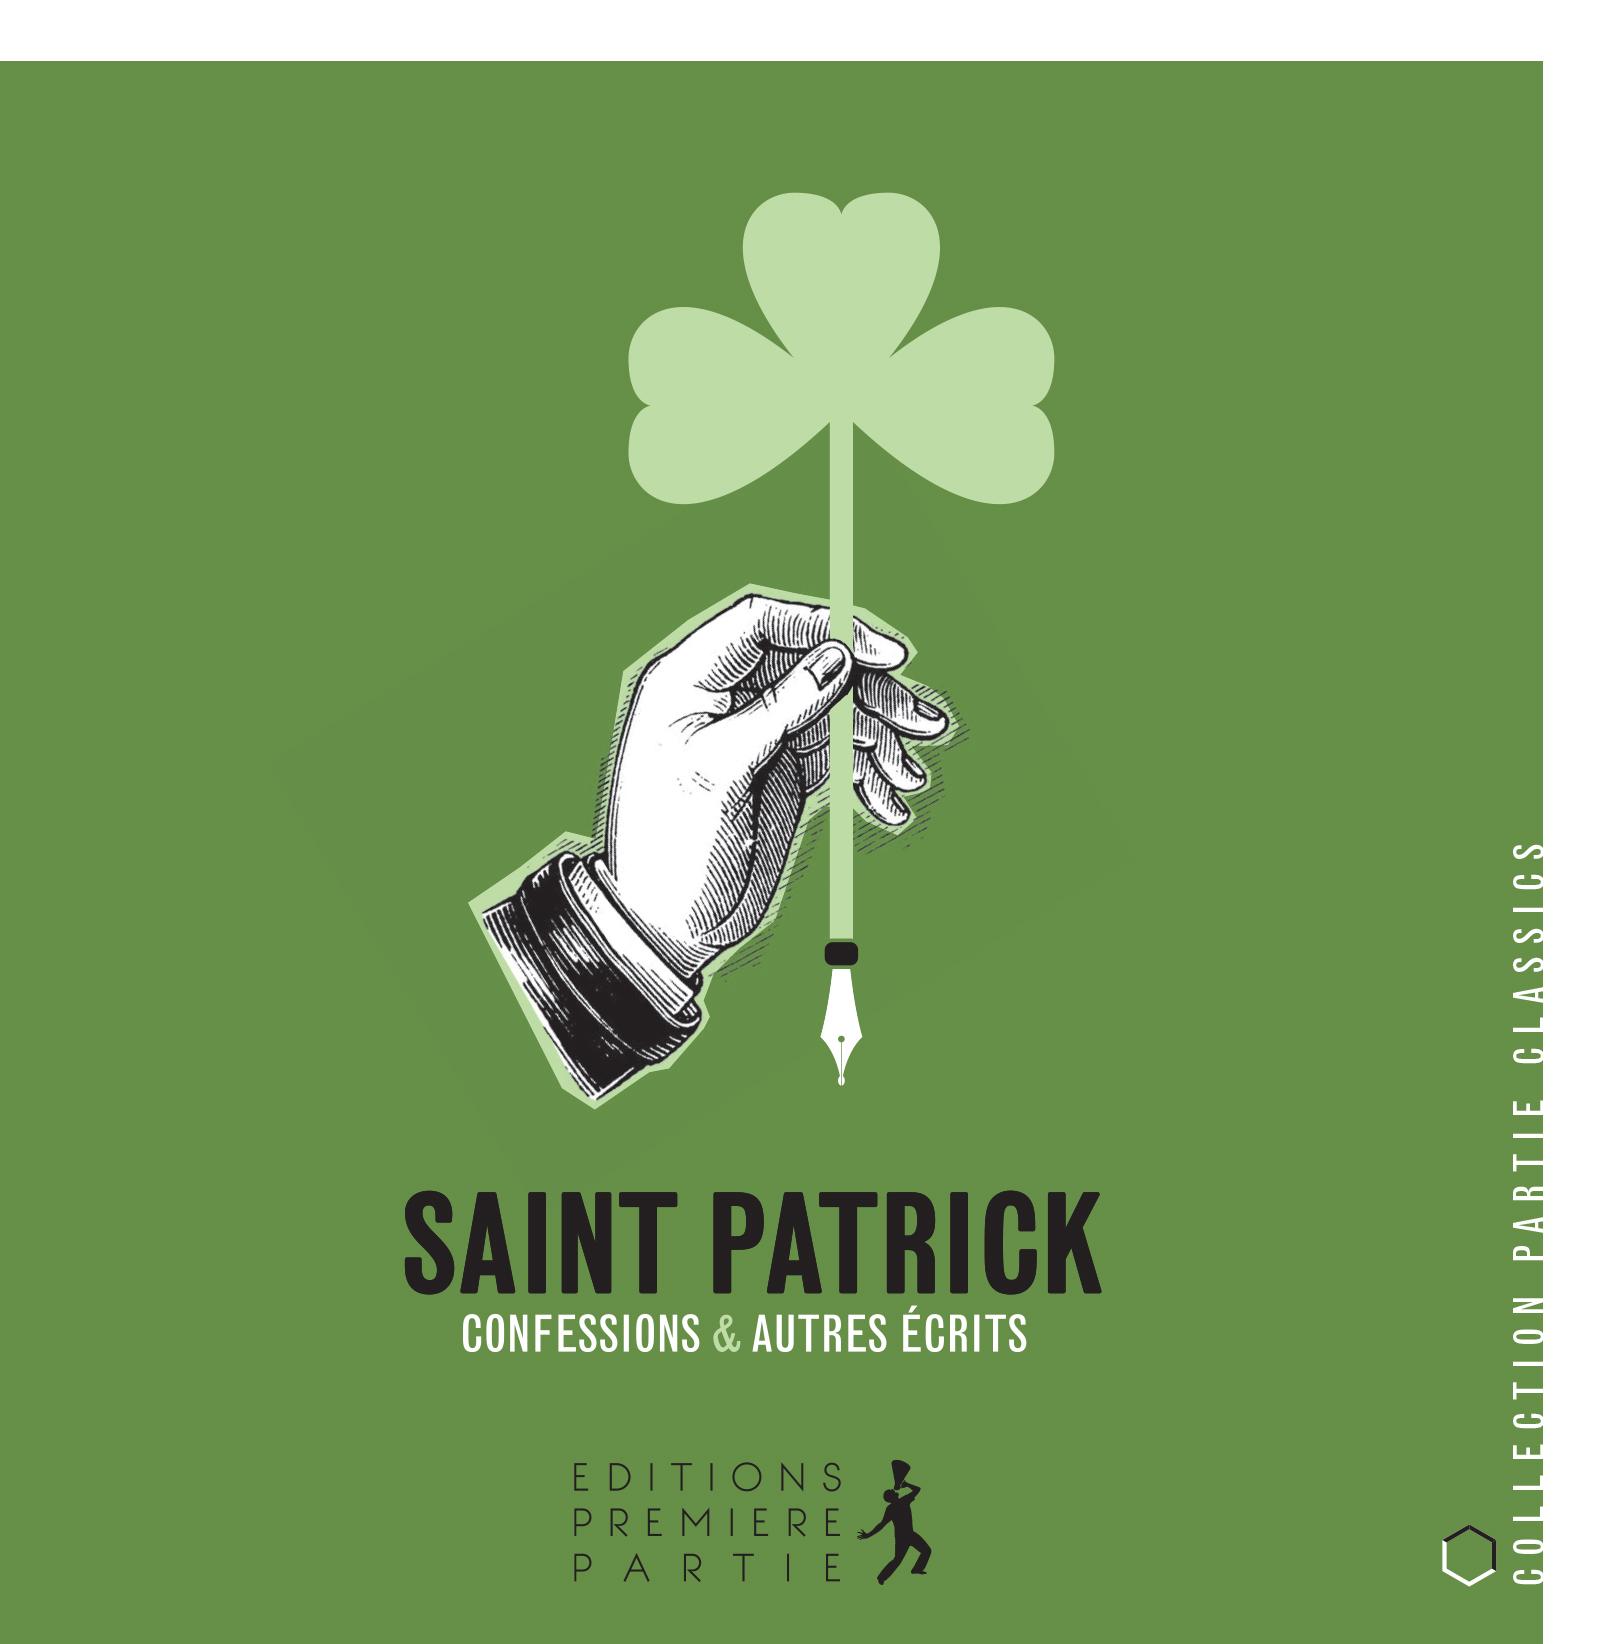 Saint Patrick Confessions et autres écrits